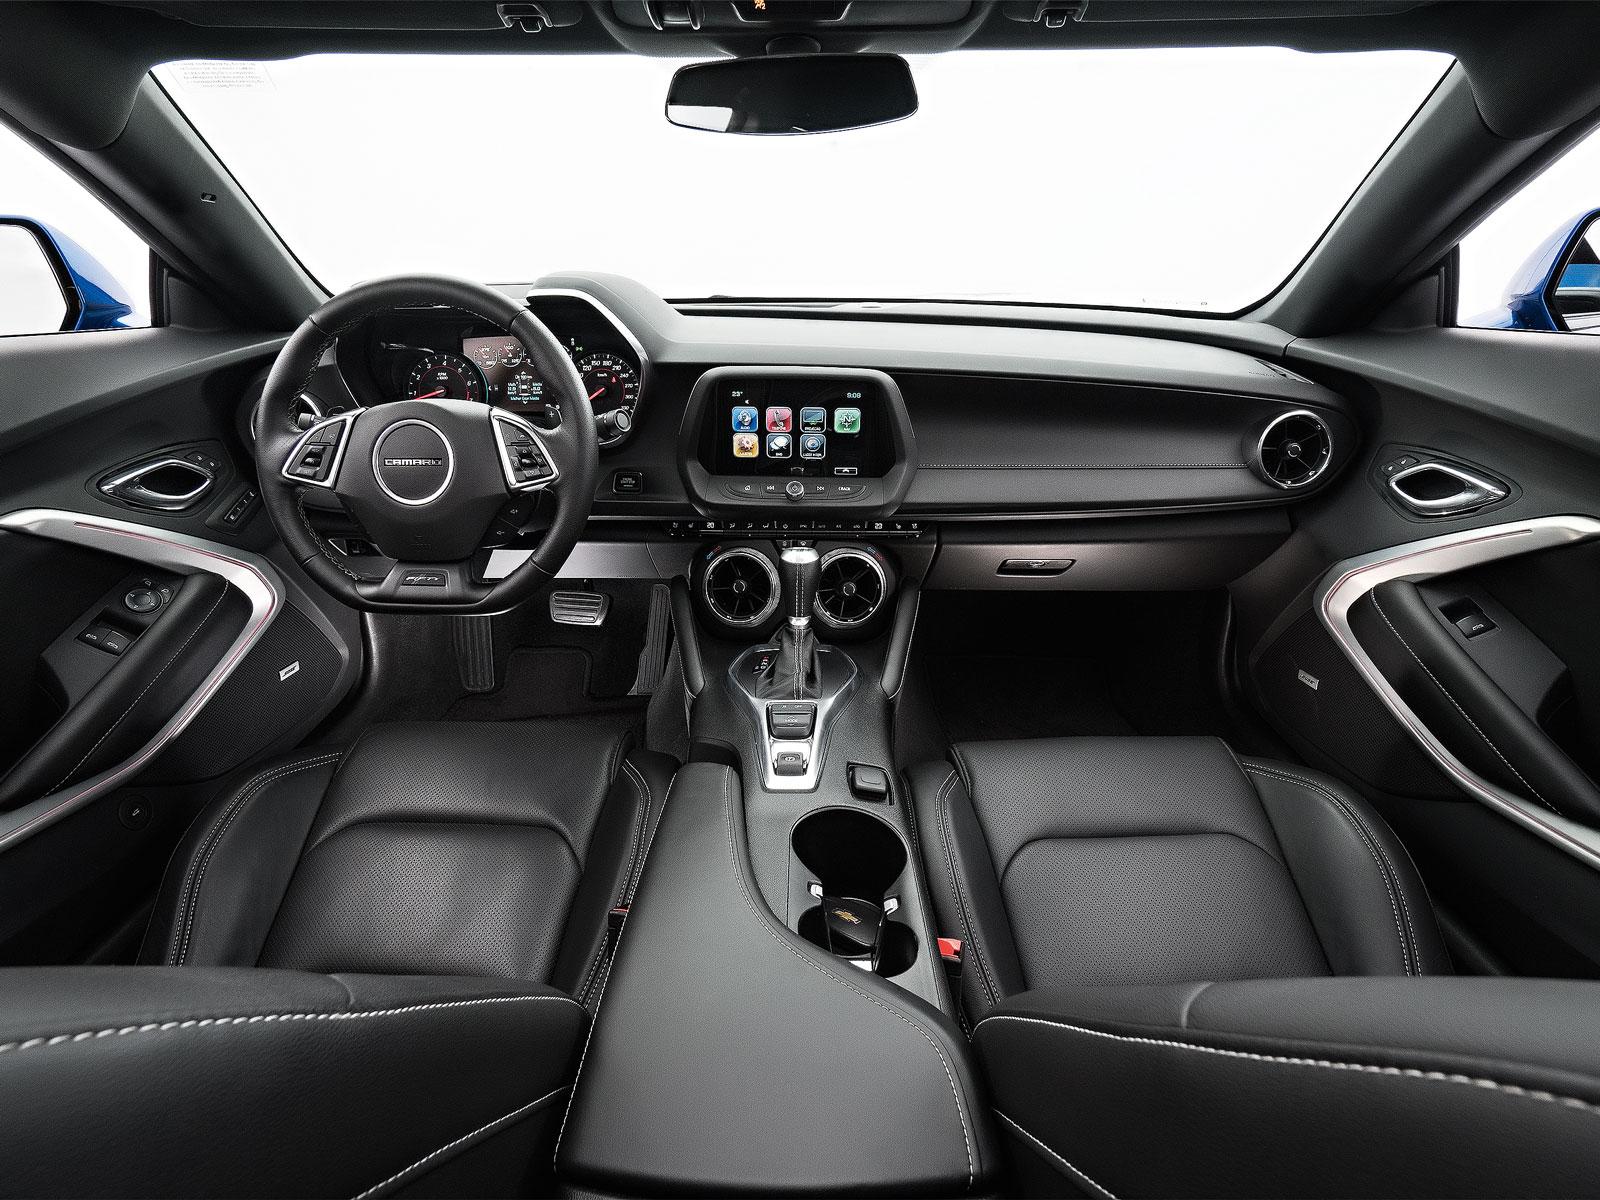 Mustang x Camaro